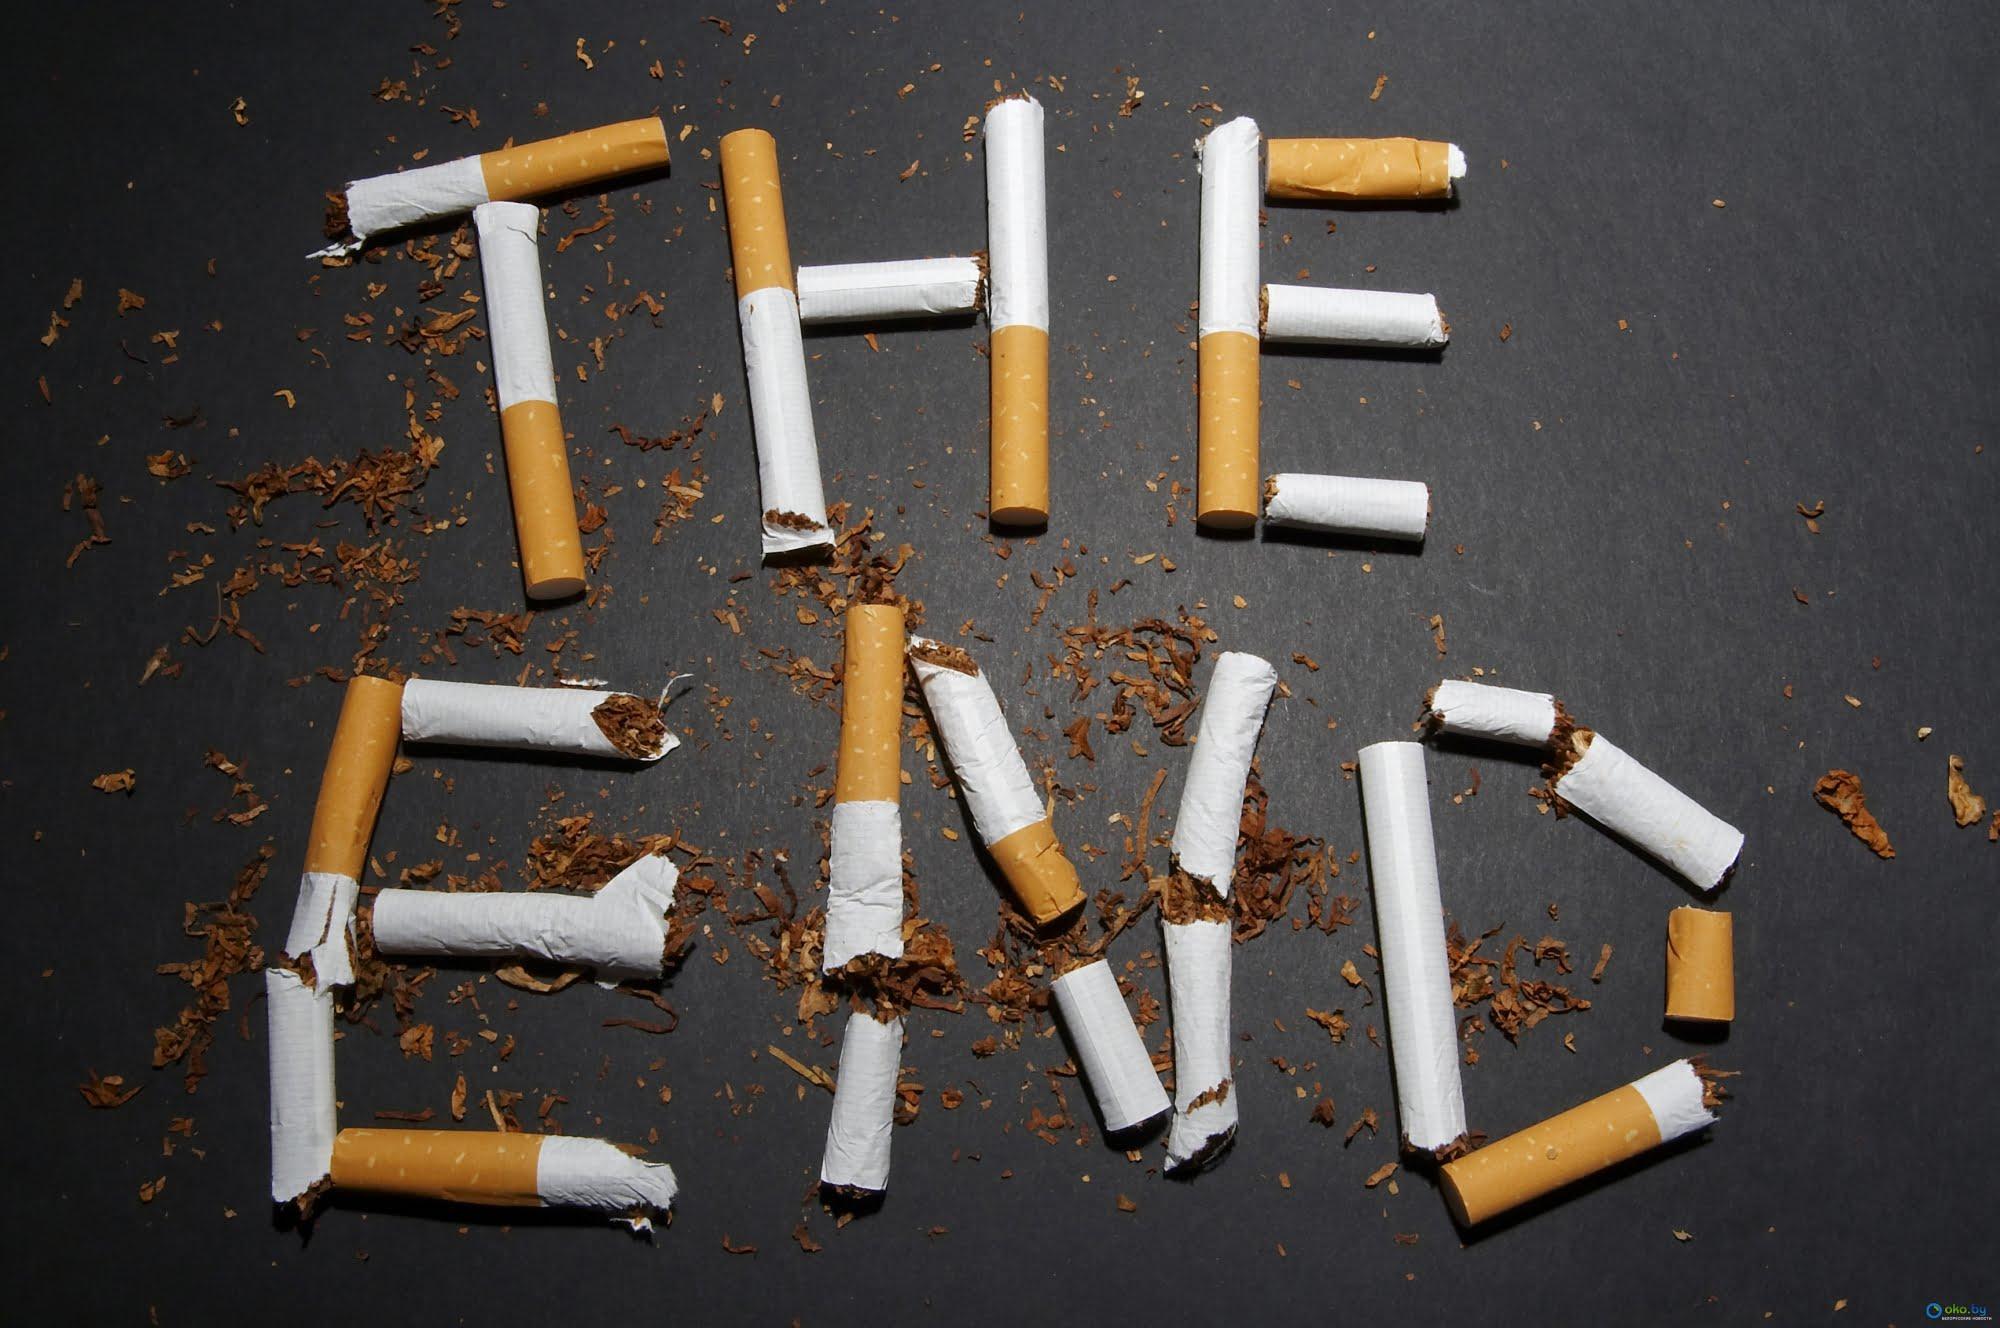 картинки брось сигарету гулянках